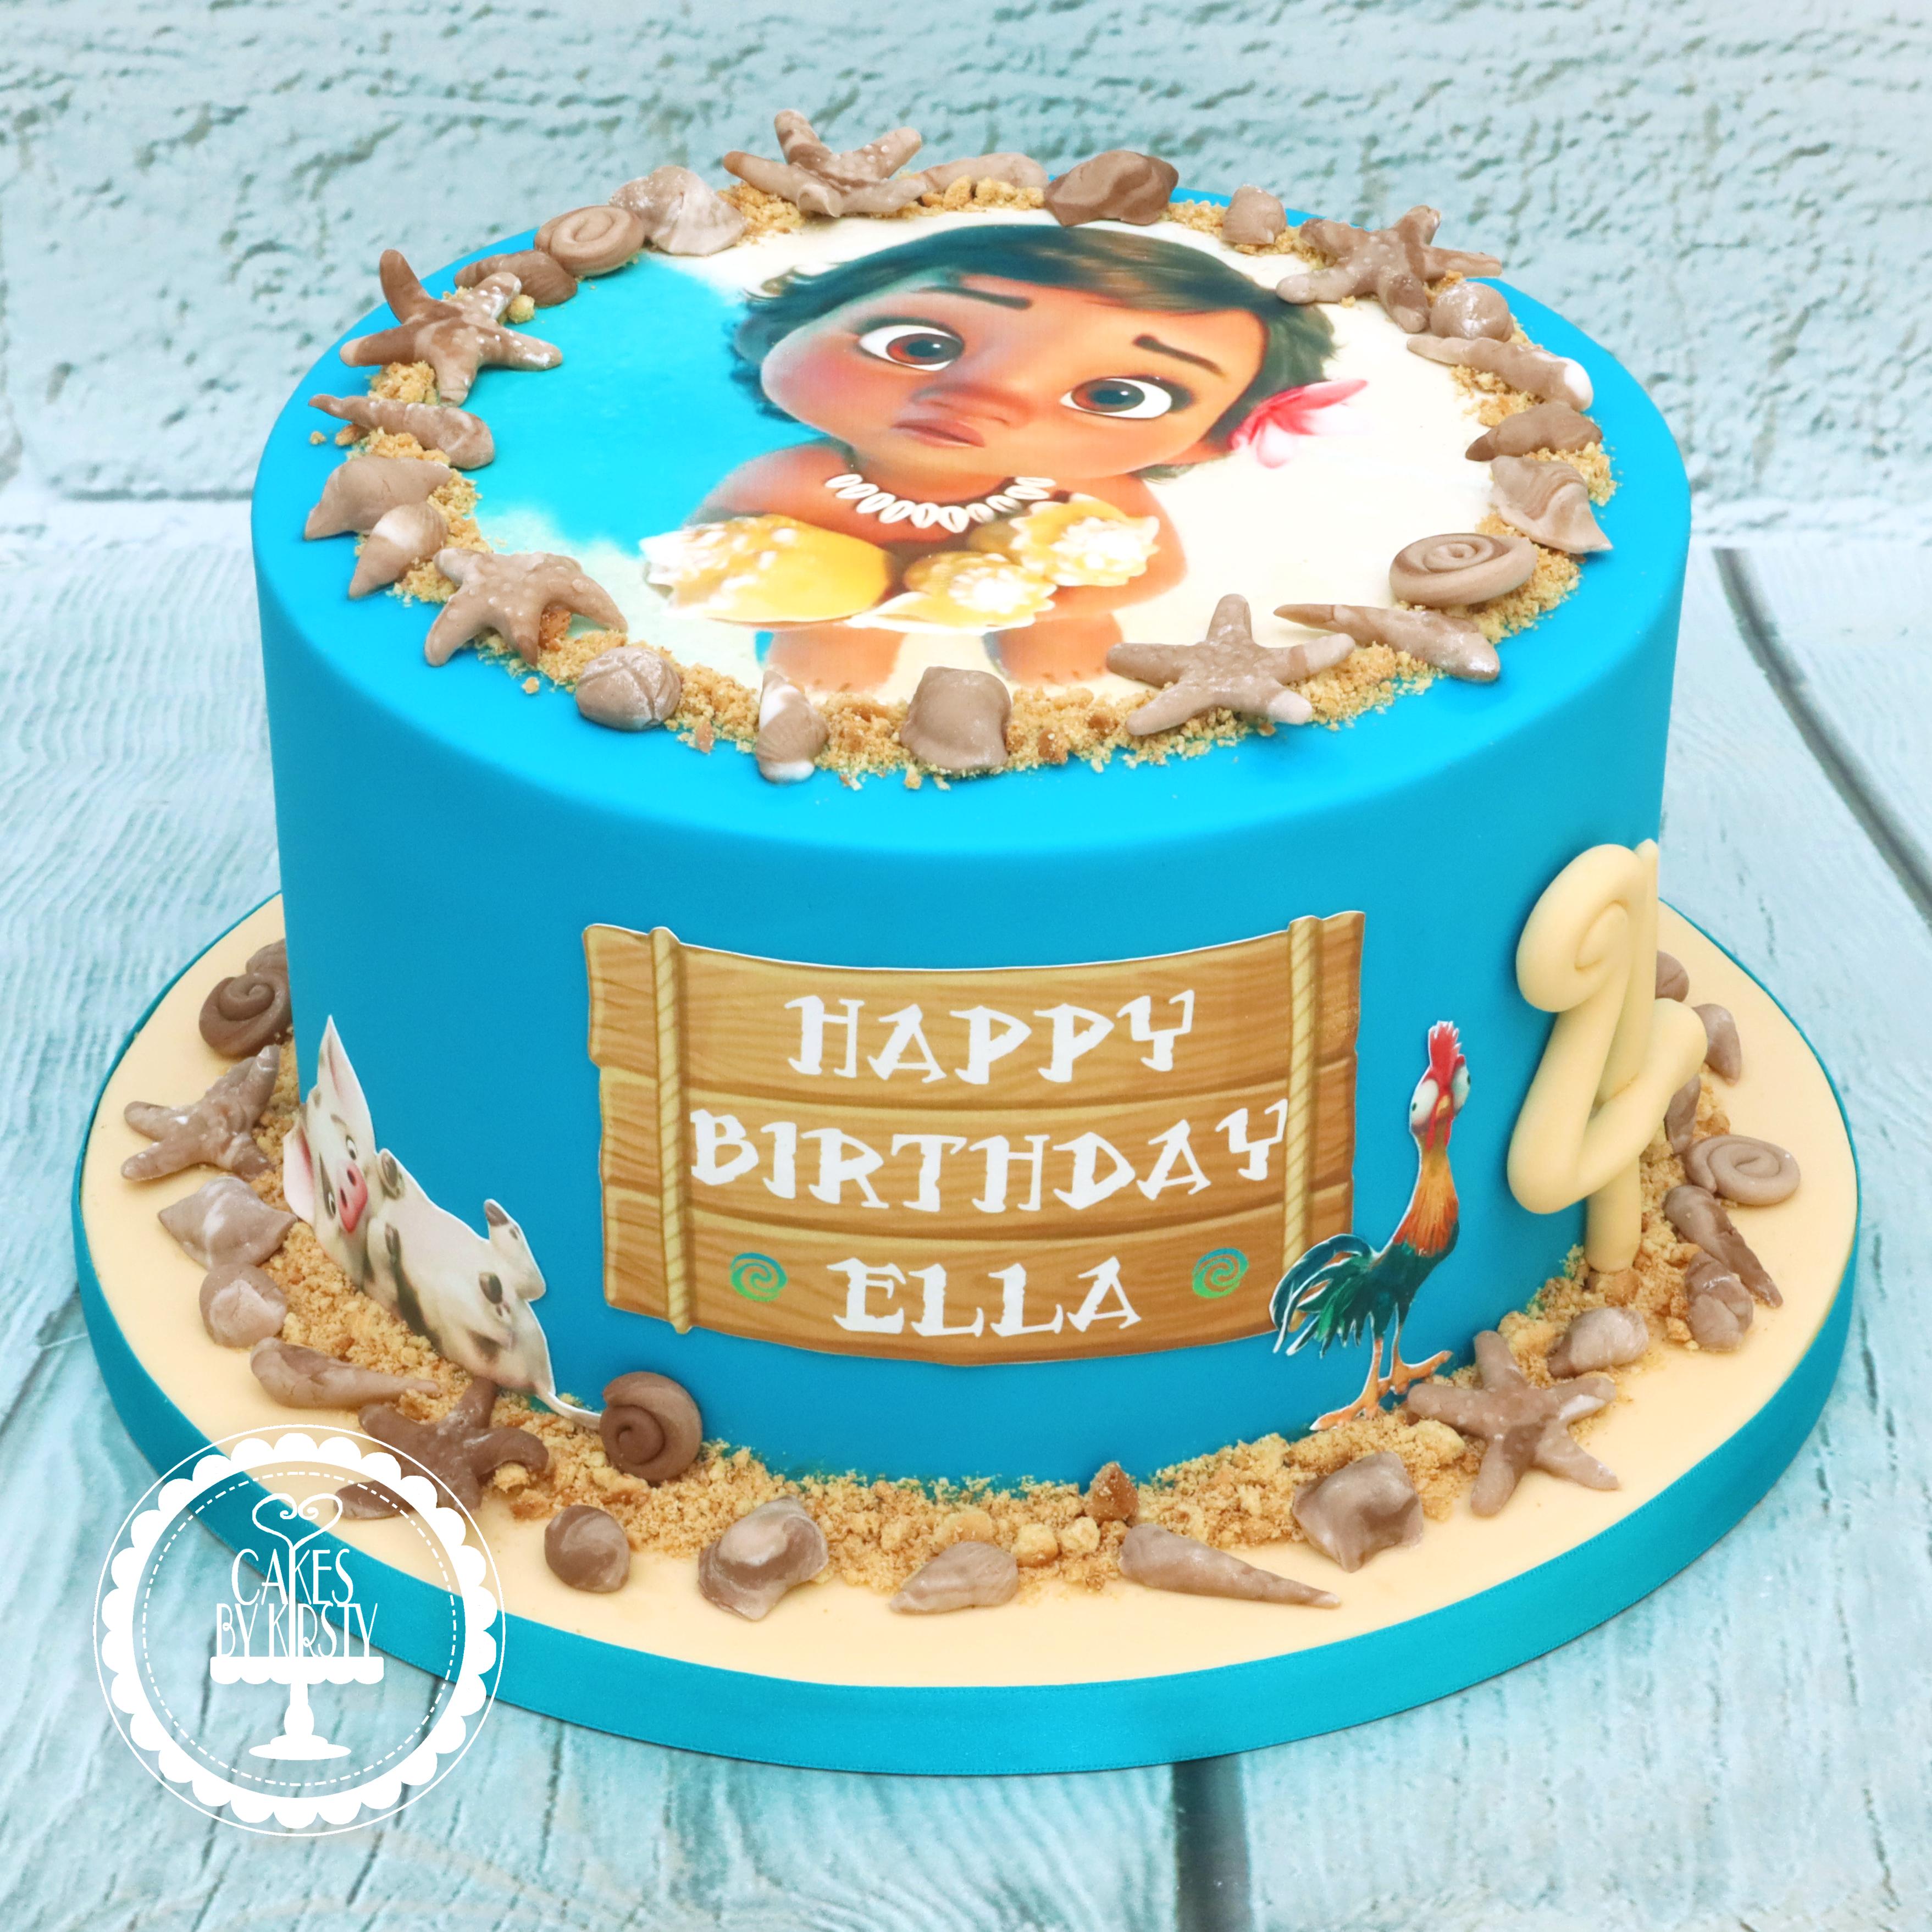 20190914 - Baby Moana 4th Birthday Cake